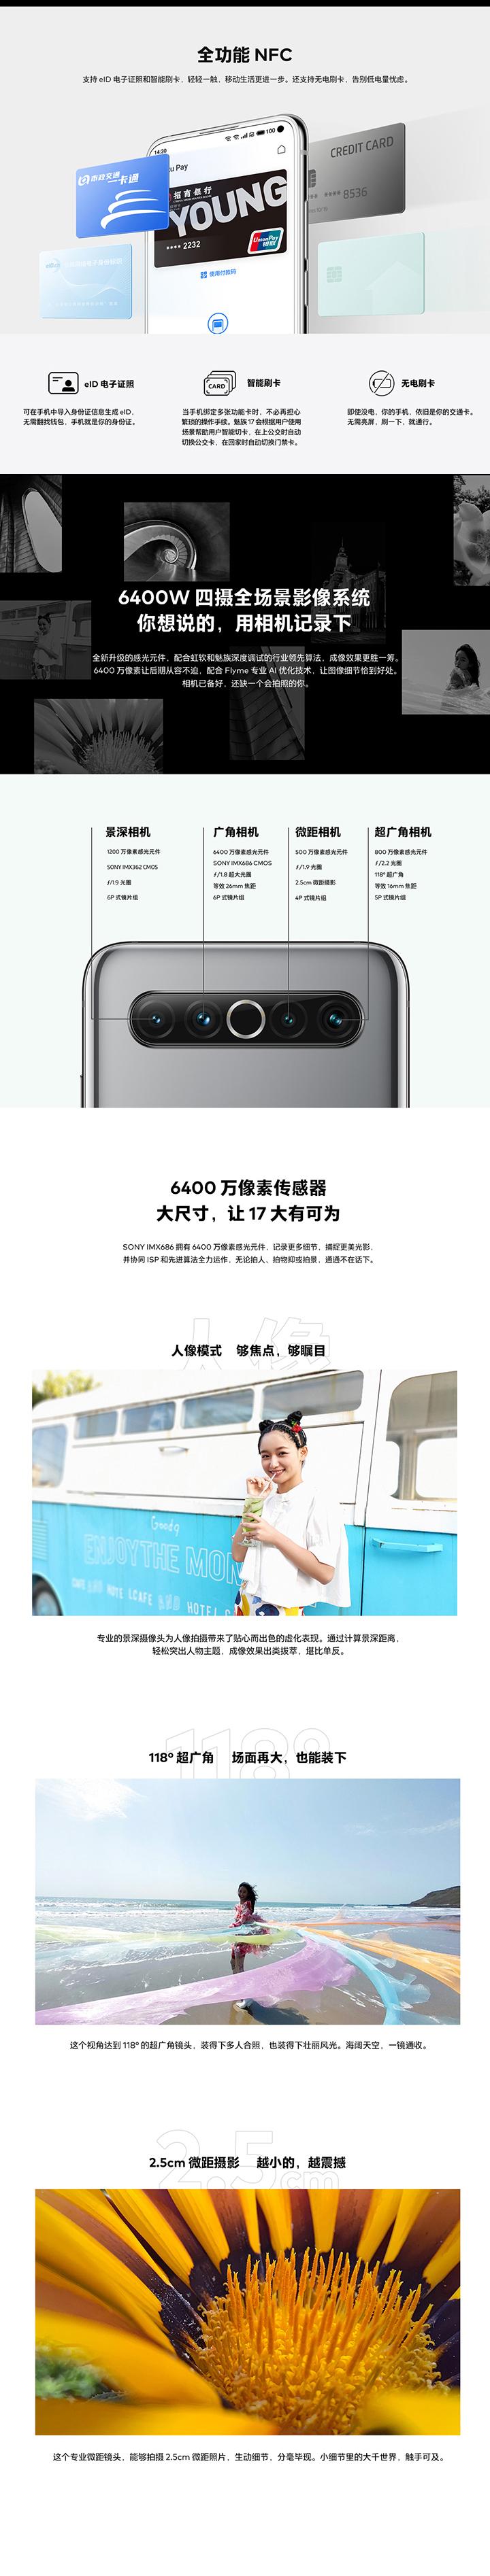 魅族 17 5G 旗舰手机免费试用,评测